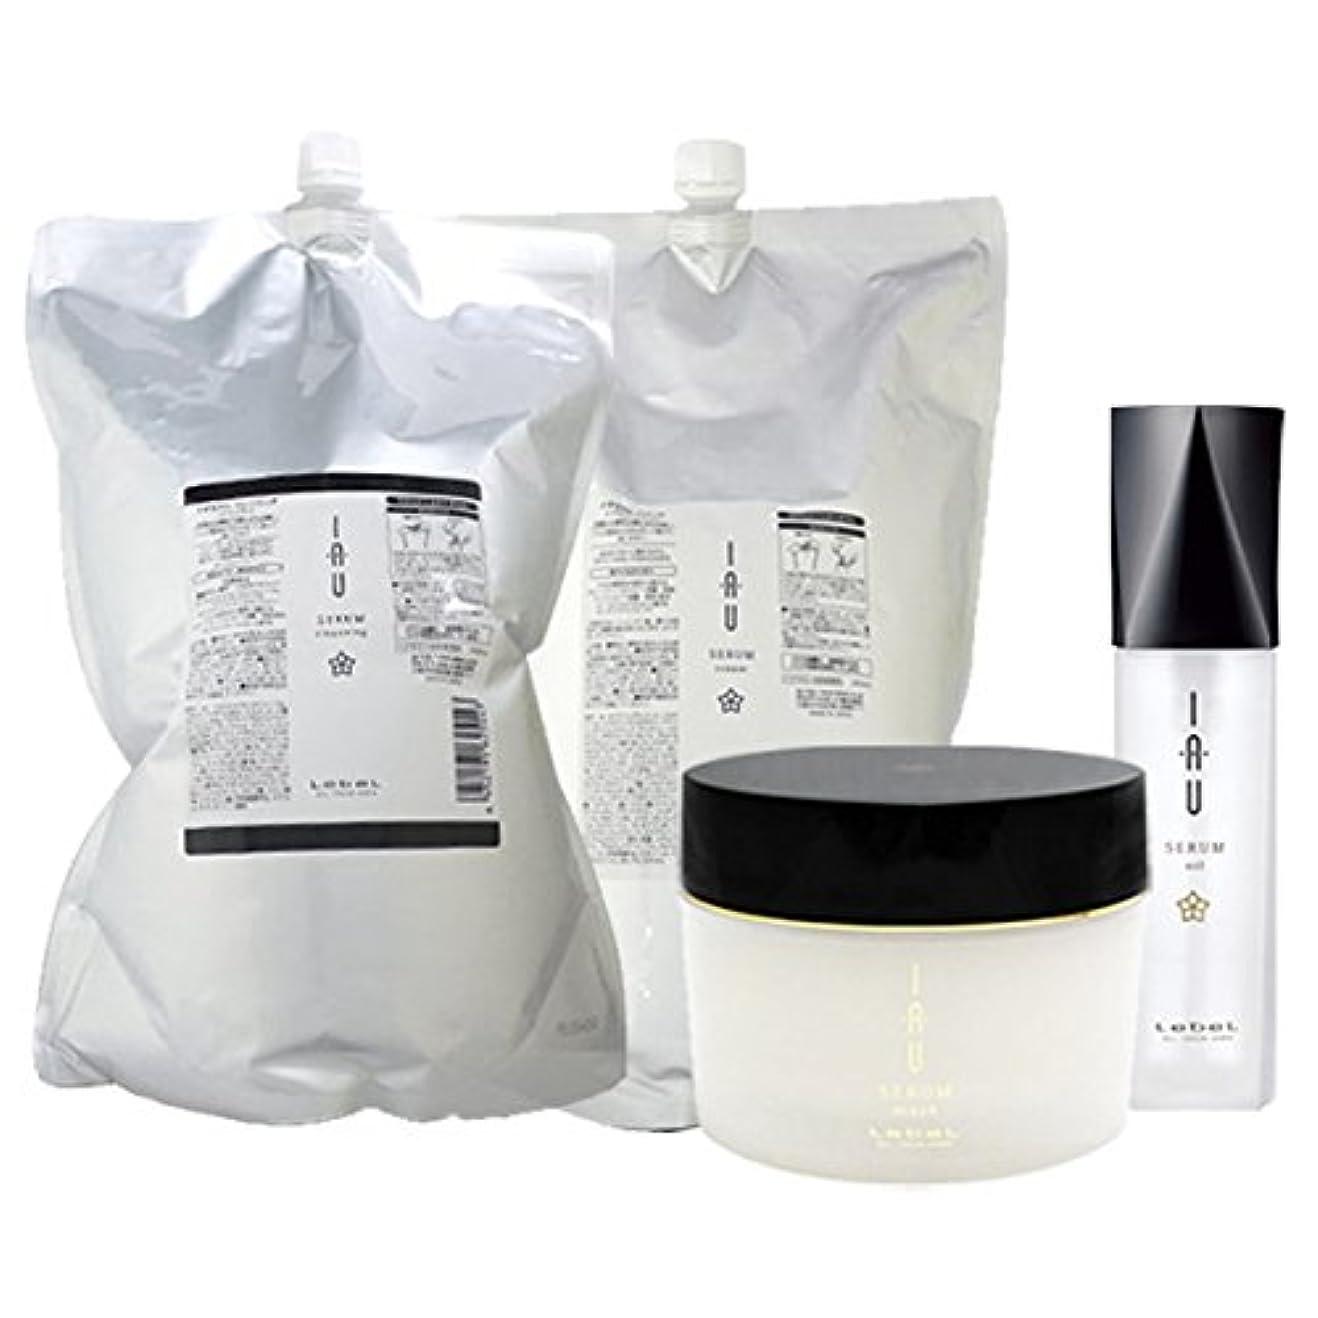 段階柔和異形ルベル イオ セラム クレンジング(シャンプー) 2500mL + クリーム(トリートメント) 2500mL + マスク 170g + オイル エッセンス 100mL 4点セット 詰め替え lebel iau serum